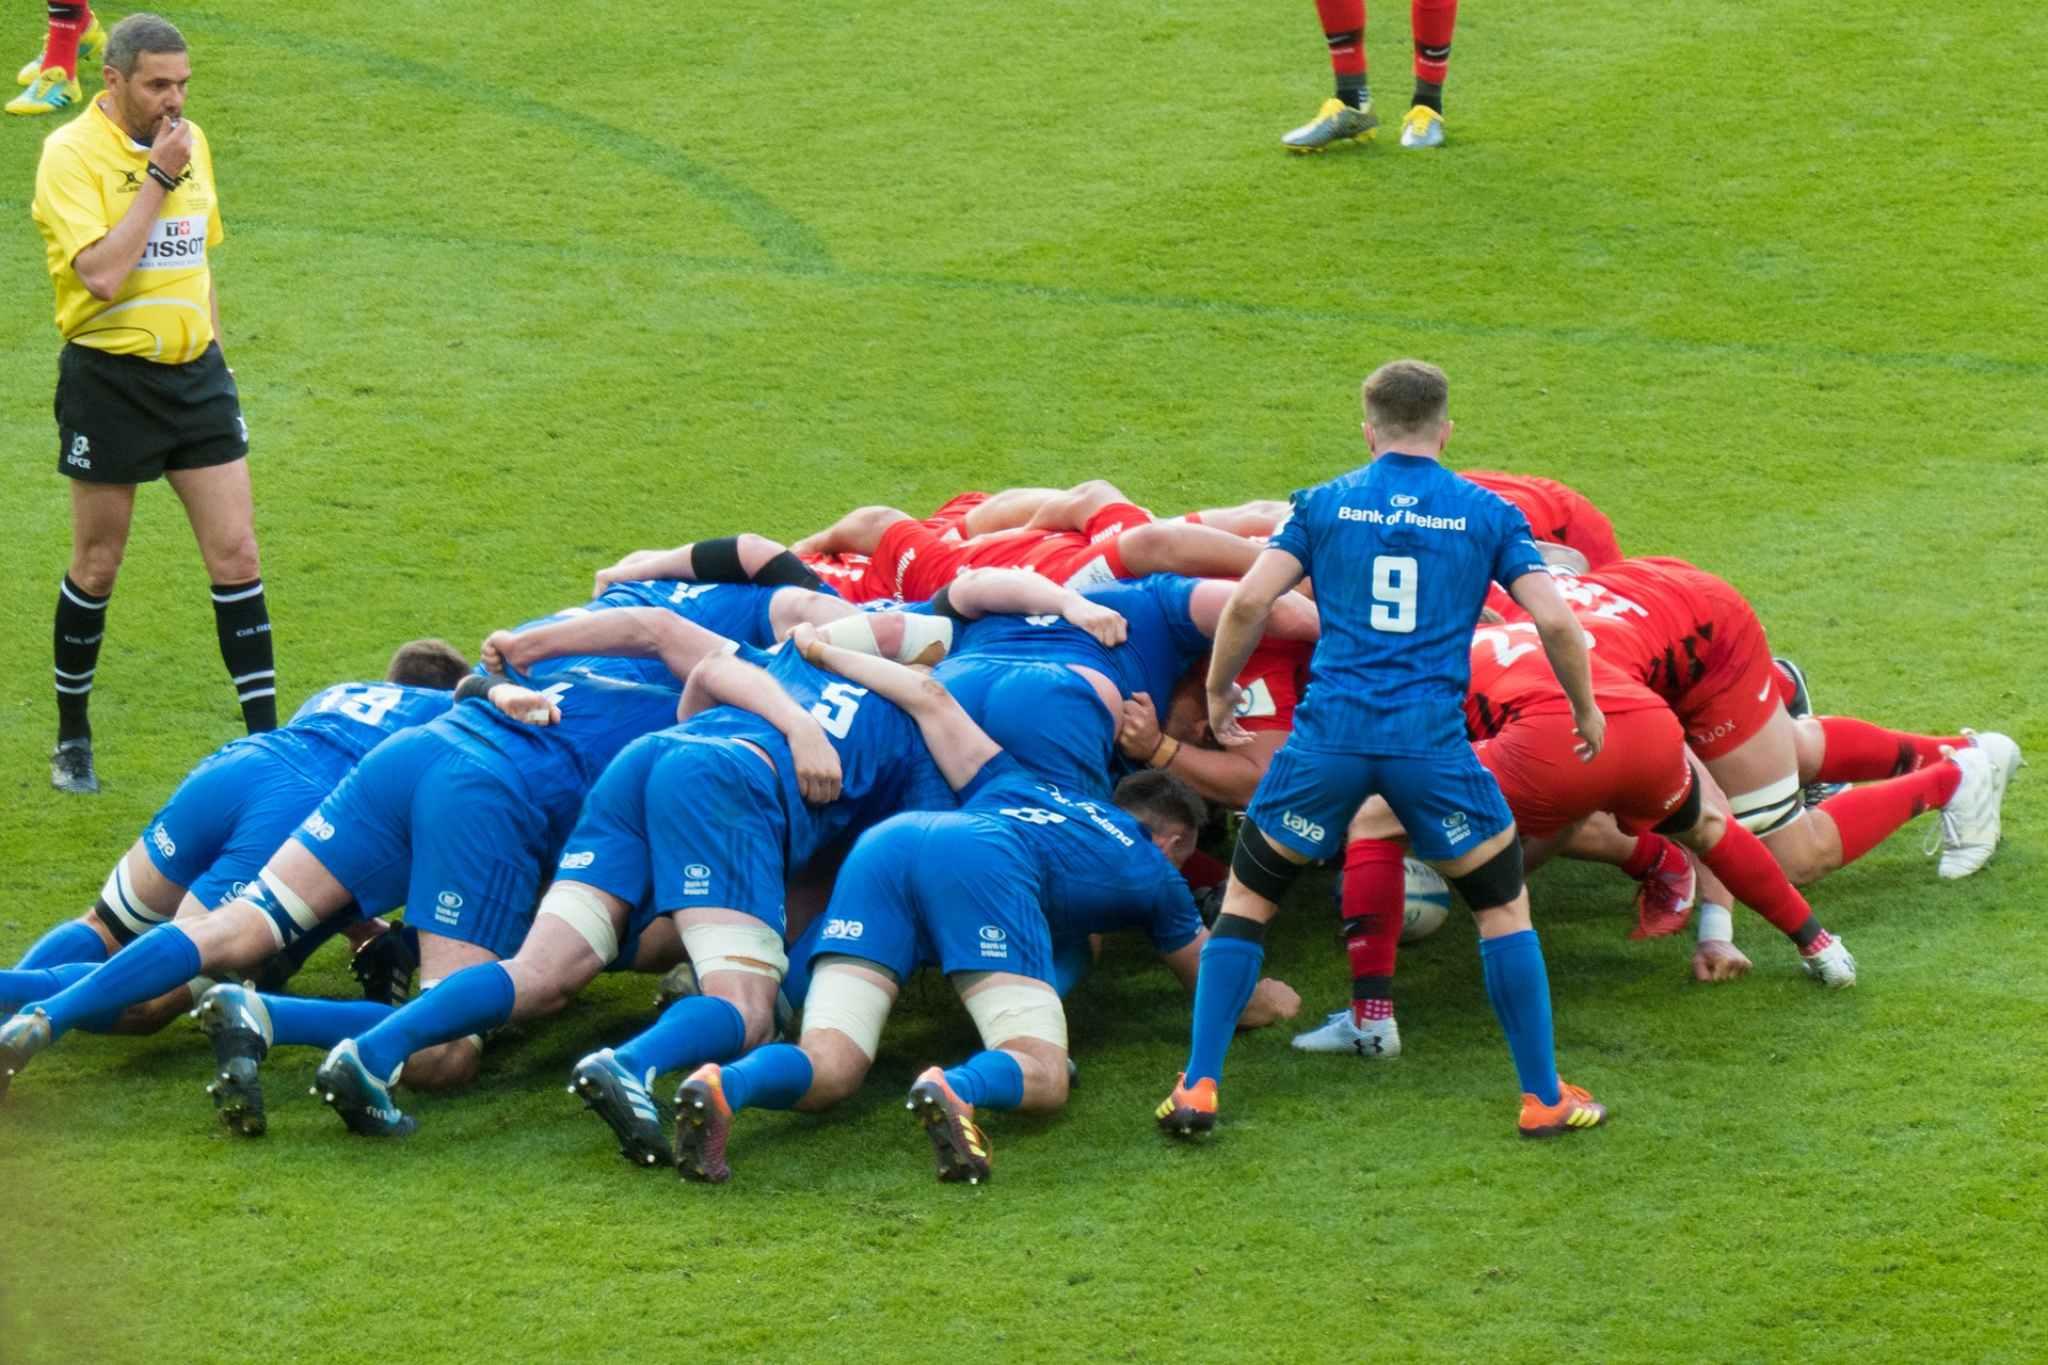 le regole del rugby e i ruoli